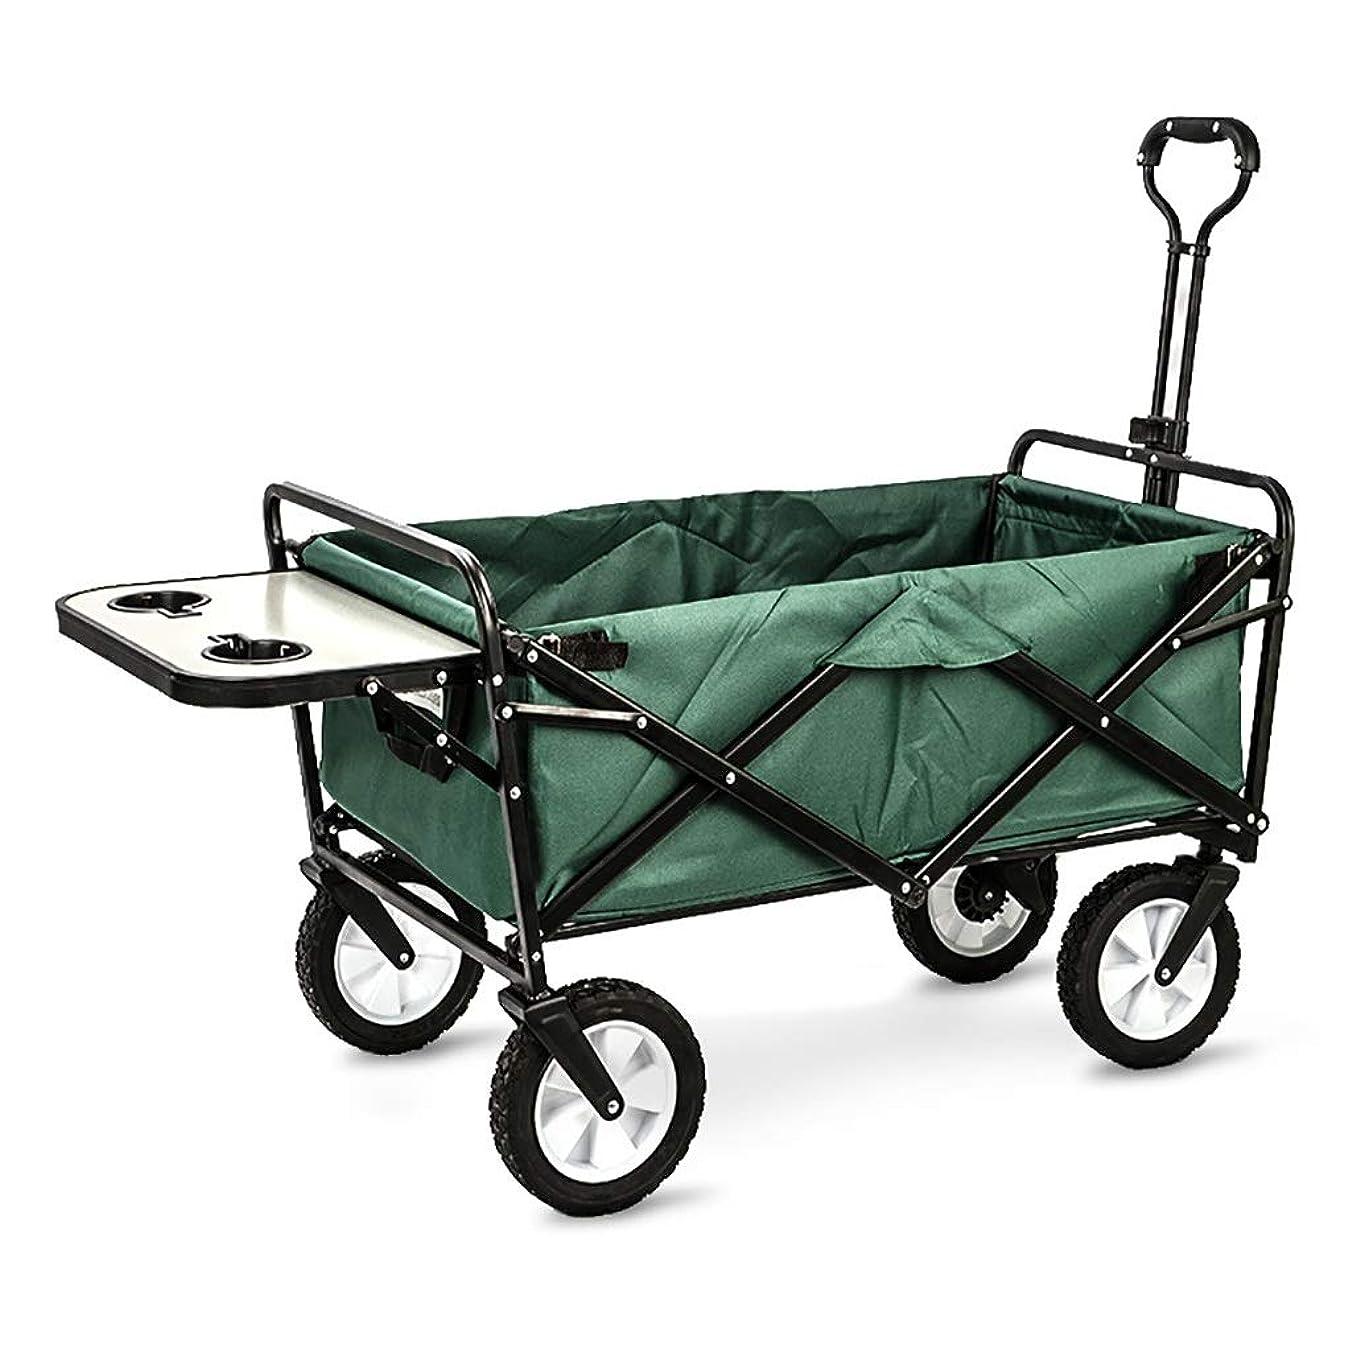 報復するソケット要求折りたたみビーチワゴン 収穫台車?キャリー 折りたたみ式ガーデントロリーカート 多機能ヘビーデューティーワゴン ために アウトドア キャンプ ピクニック 釣り ショッピングカート テーブルボードを使用すると、 積載量:80kg (Color : Dark green)